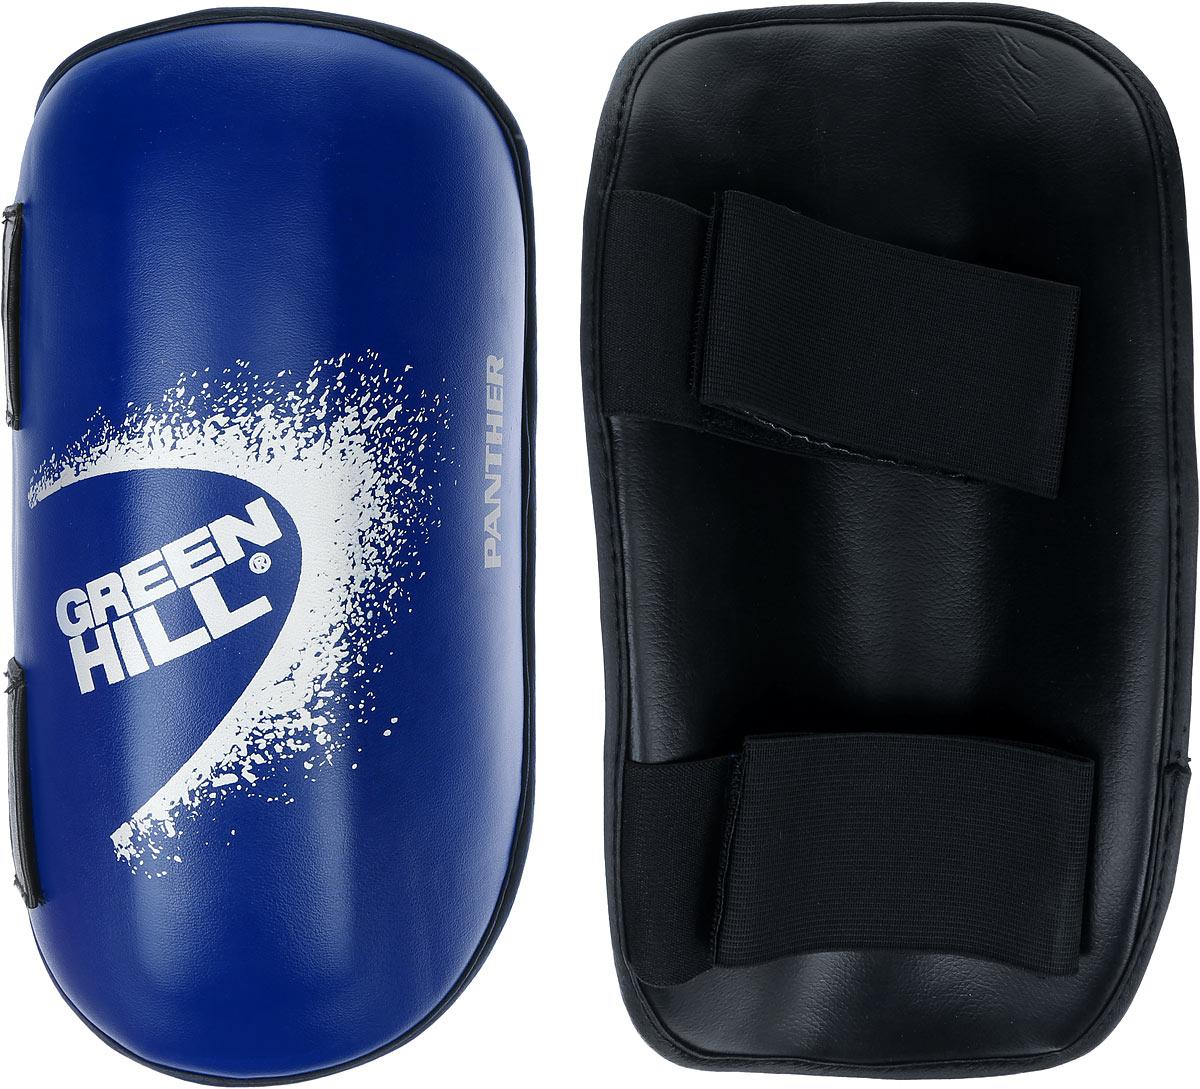 Защита голени Green Hill Panther, цвет: синий, белый. Размер XL. G-2123AP200160Защита голени Green Hill Panther с наполнителем, выполненным из вспененного полимера, необходима при занятиях спортом для защиты суставов от вывихов, ушибов и прочих повреждений. Накладки выполнены из высококачественной искусственной кожи. Закрепляются на ноге при помощи эластичных лент и липучек.Длина голени: 36 см.Ширина голени: 13,5 см.